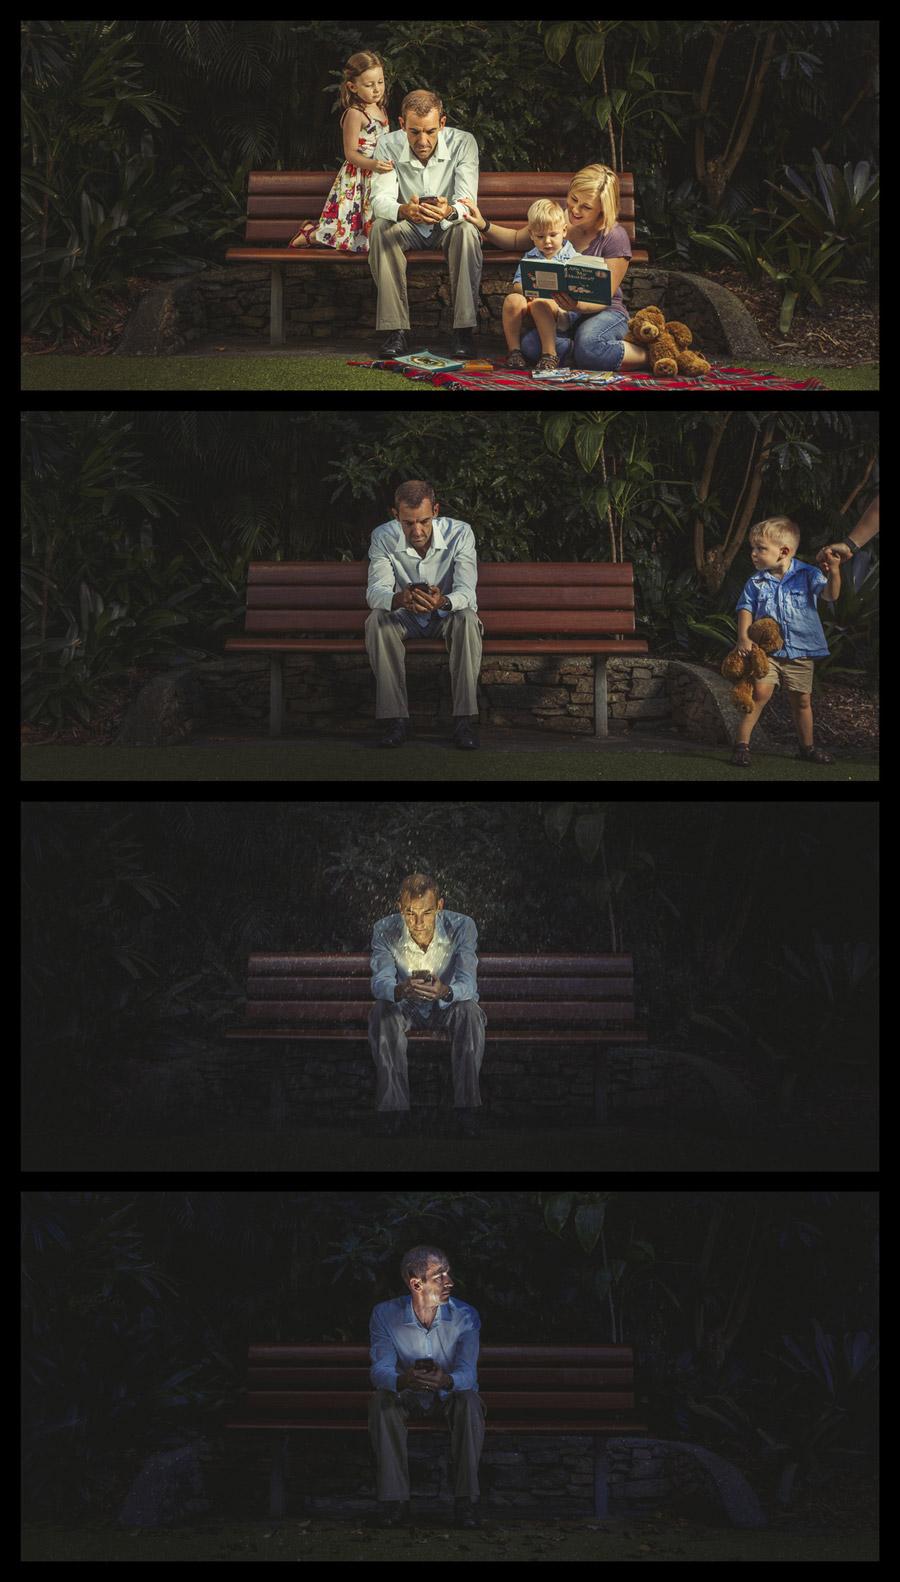 © Крис Андерсон / Kris Anderson, Первое место в категории «Творчество — Иллюстрация», Фотоконкурс WPPI Second Half Competition